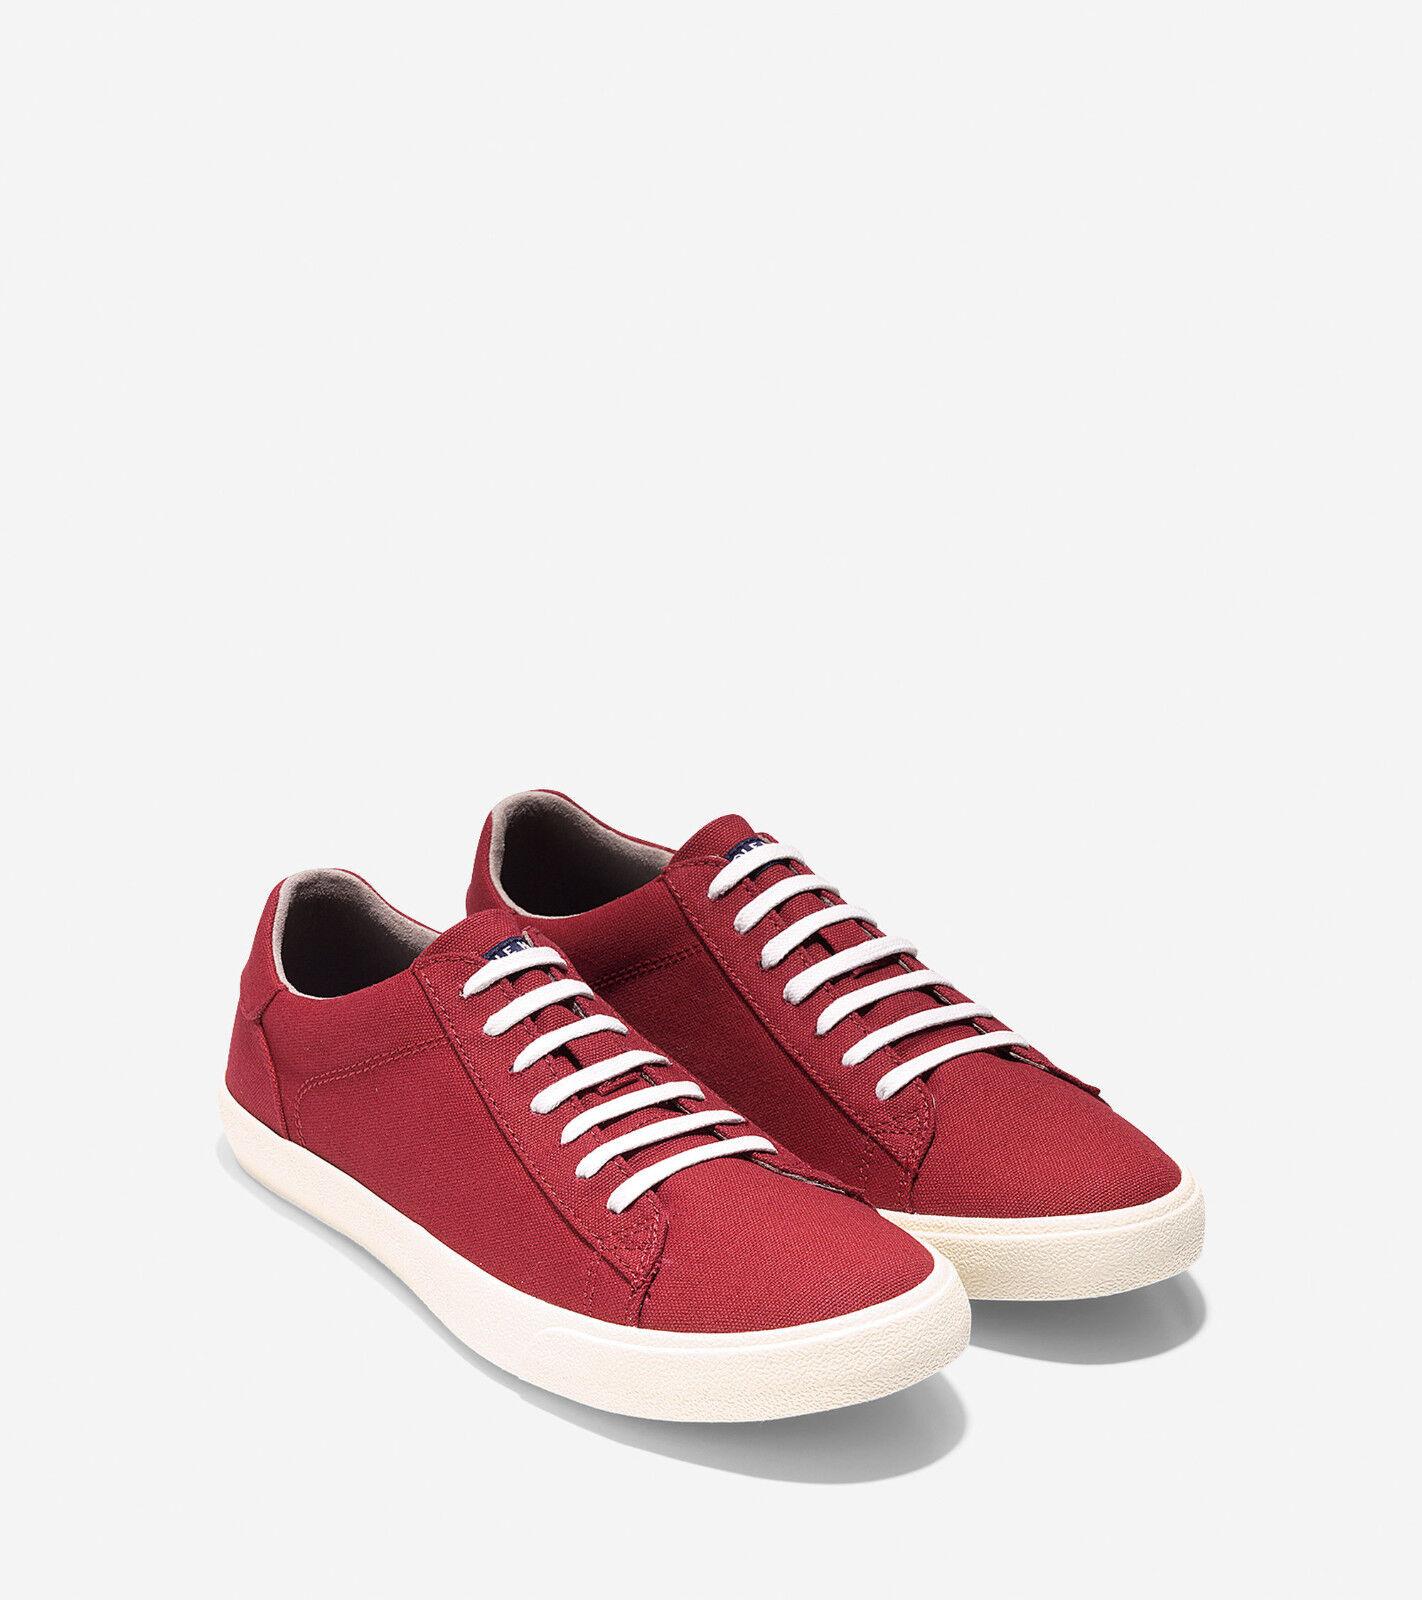 Cole Para Haan Para Cole Hombre Rojo Zapatillas De Lona Trafton Club Court II Zapatos 11.5 Nuevo En Caja f03560